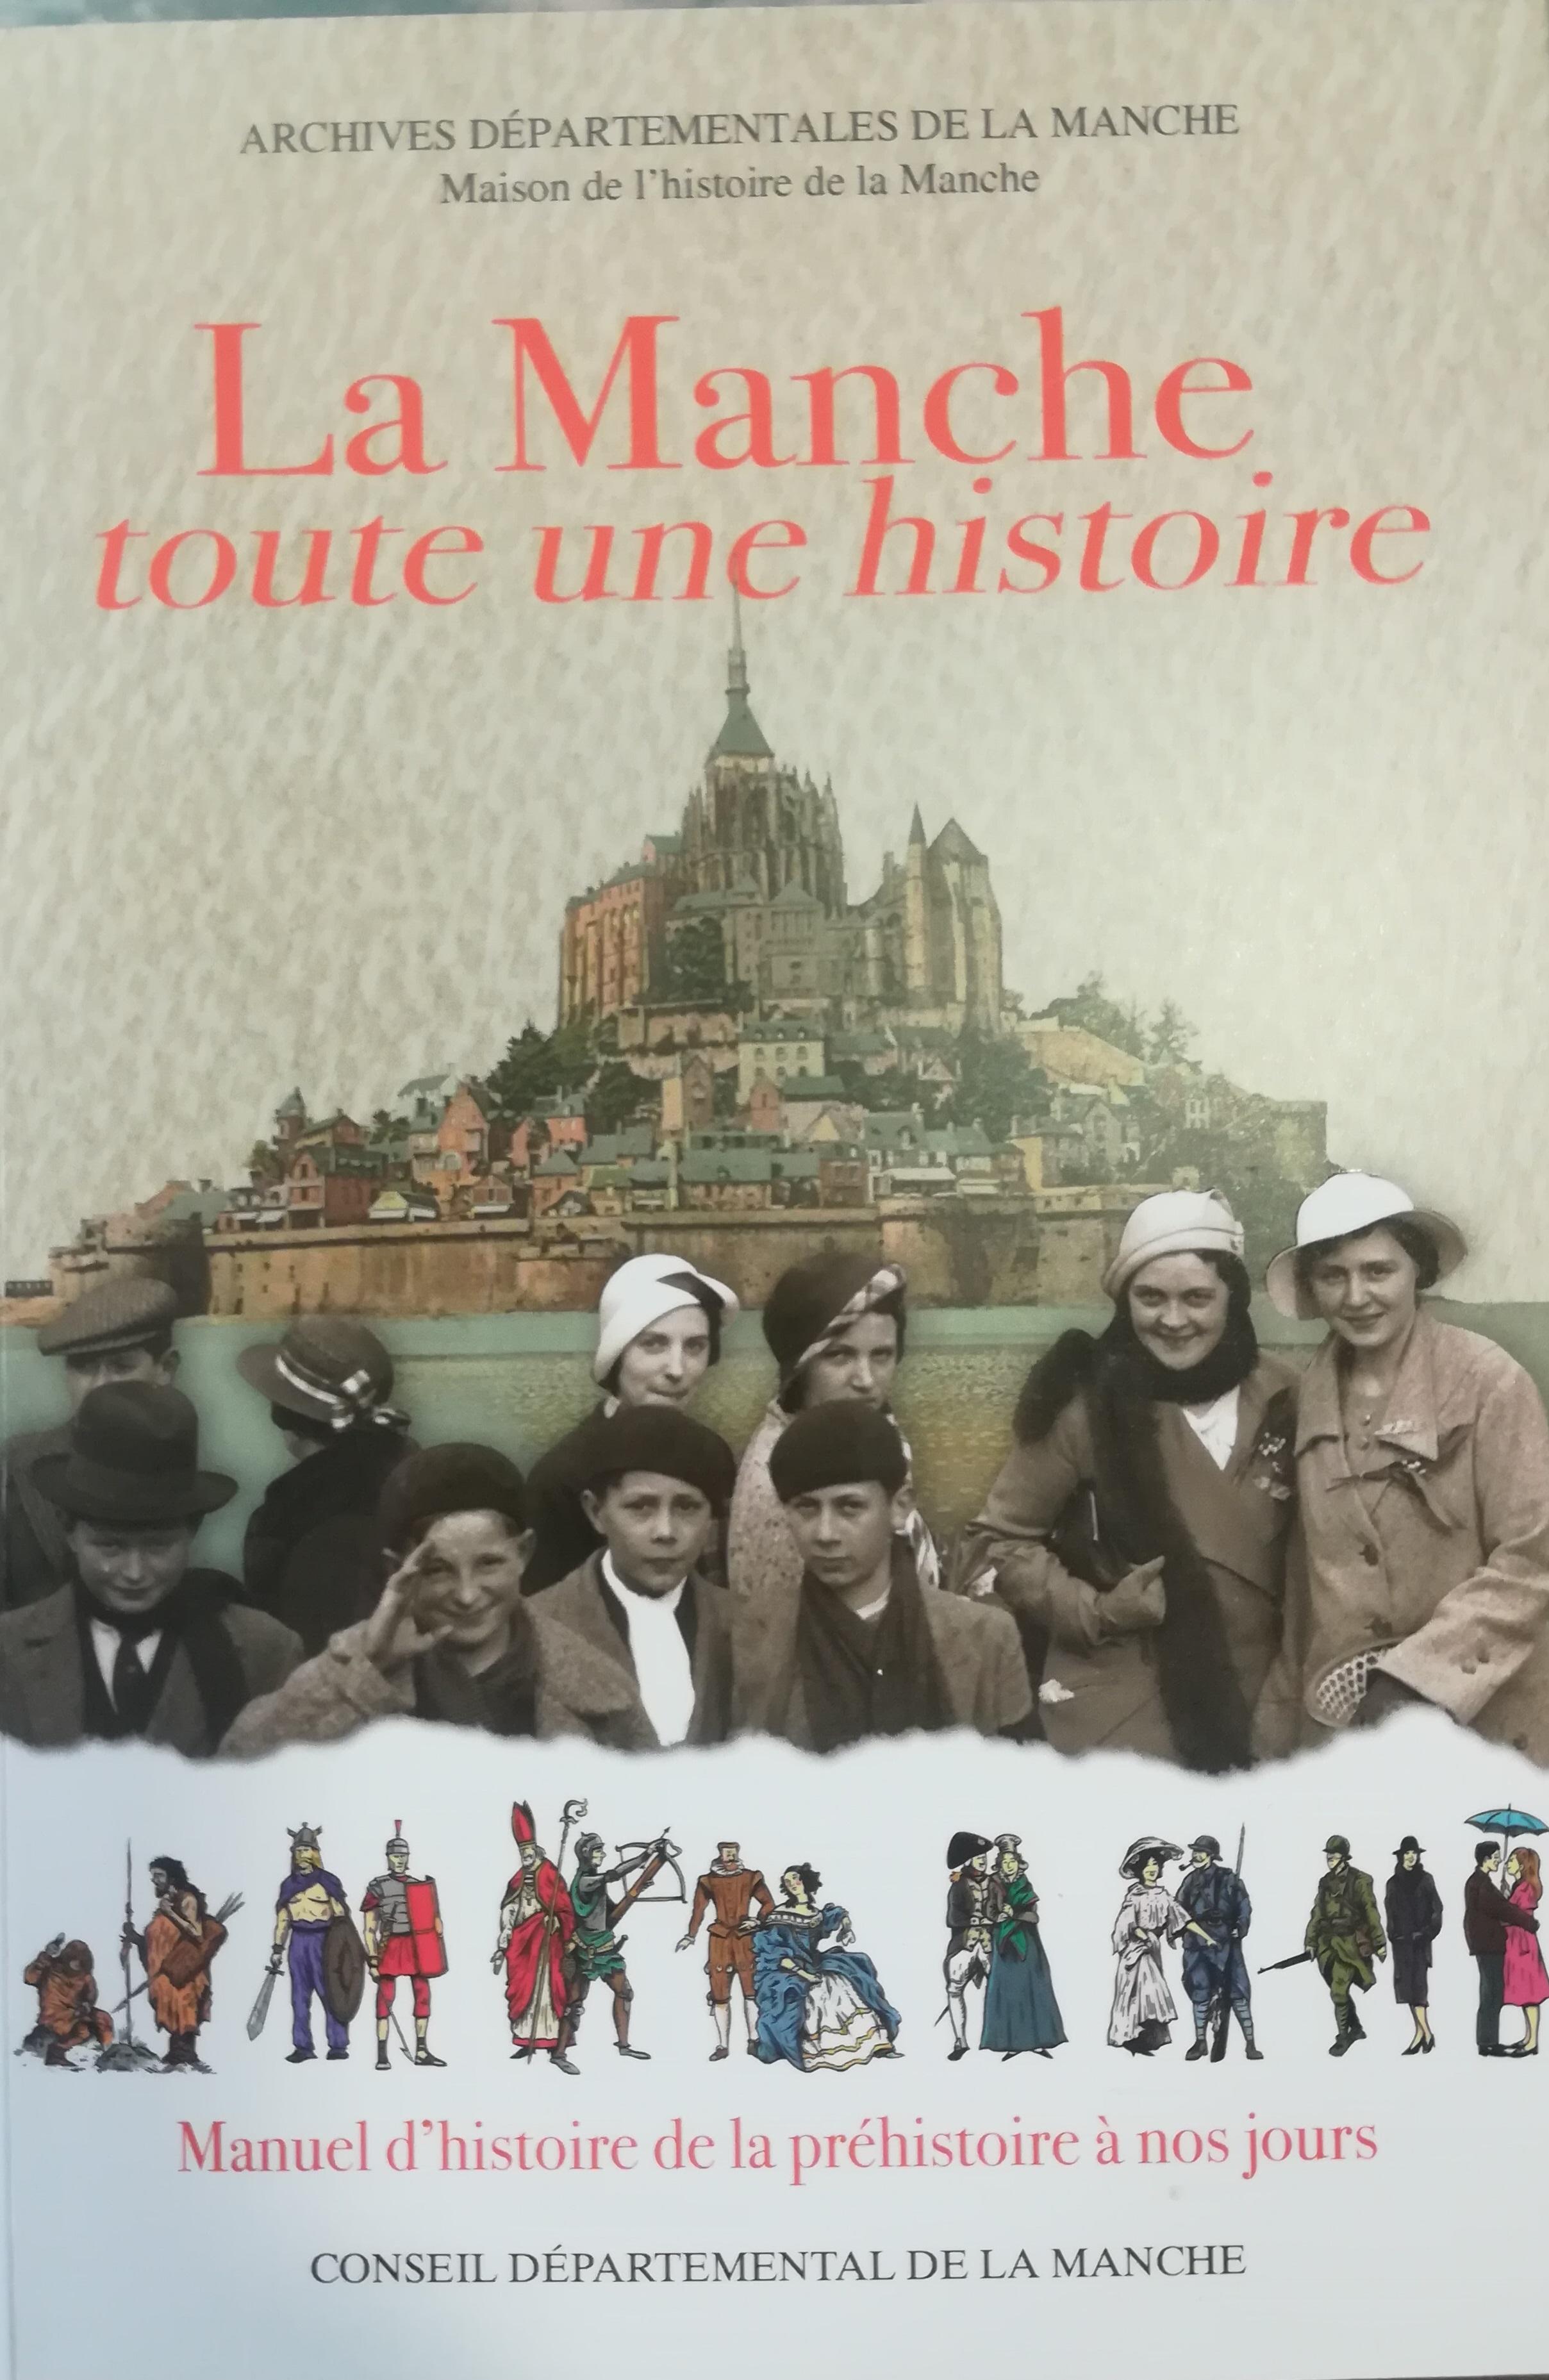 LA MANCHE TOUTE UNE HISTOIRE MANUEL D HISTOIRE DE LA PREHISTOIRE A NOS JOURS